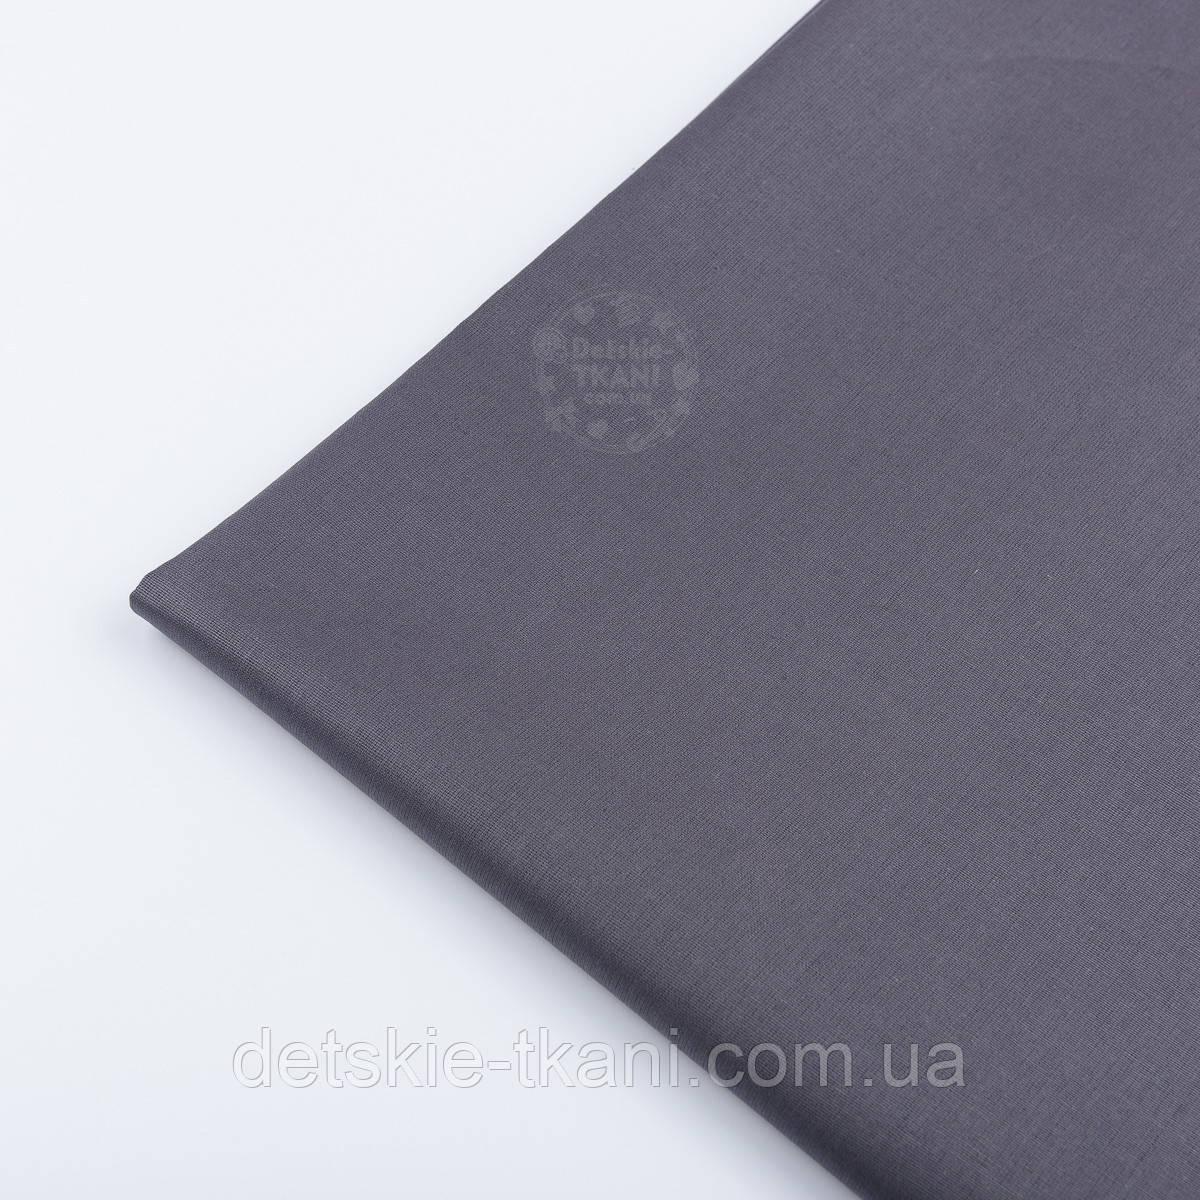 Лоскут однотонной ткани, цвет серый антрацитовый, №1265